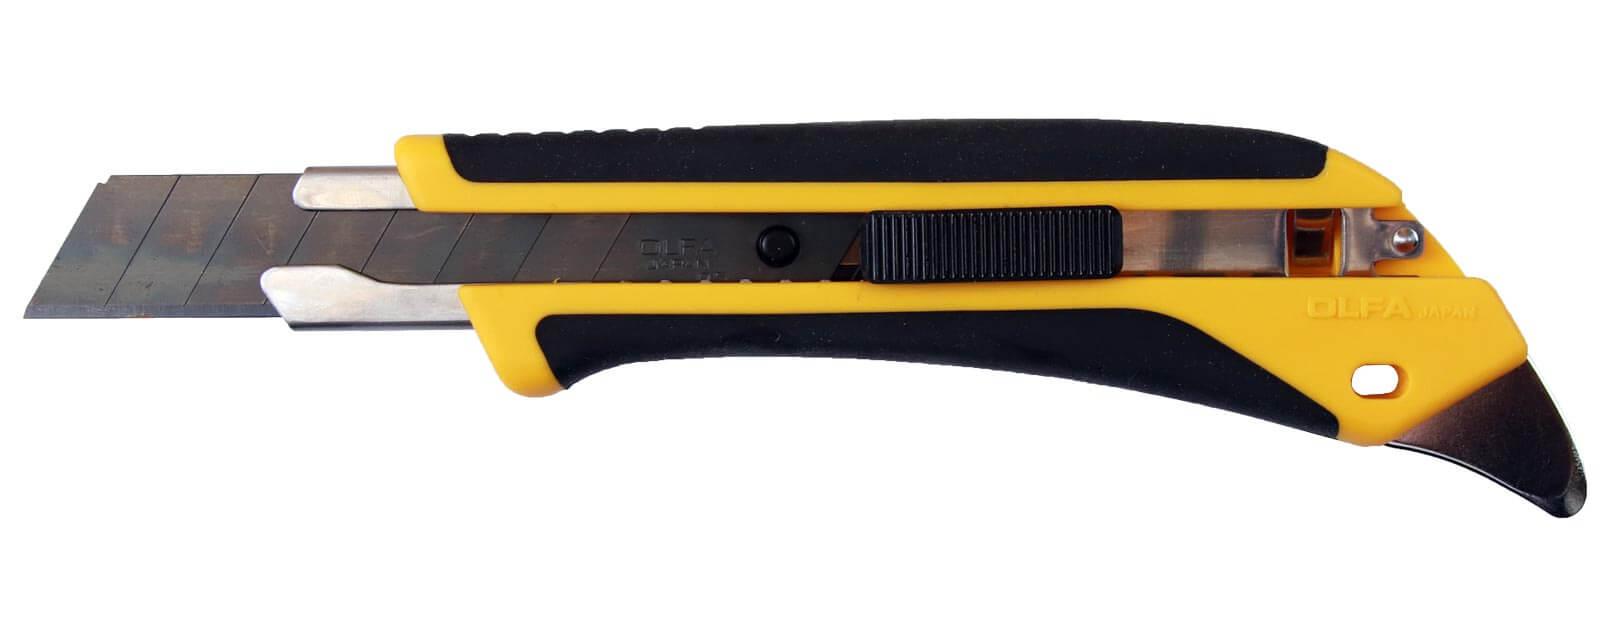 C064-Cuttermesser-18mm-Profi-OLFA-L5-AL-CURT-tools